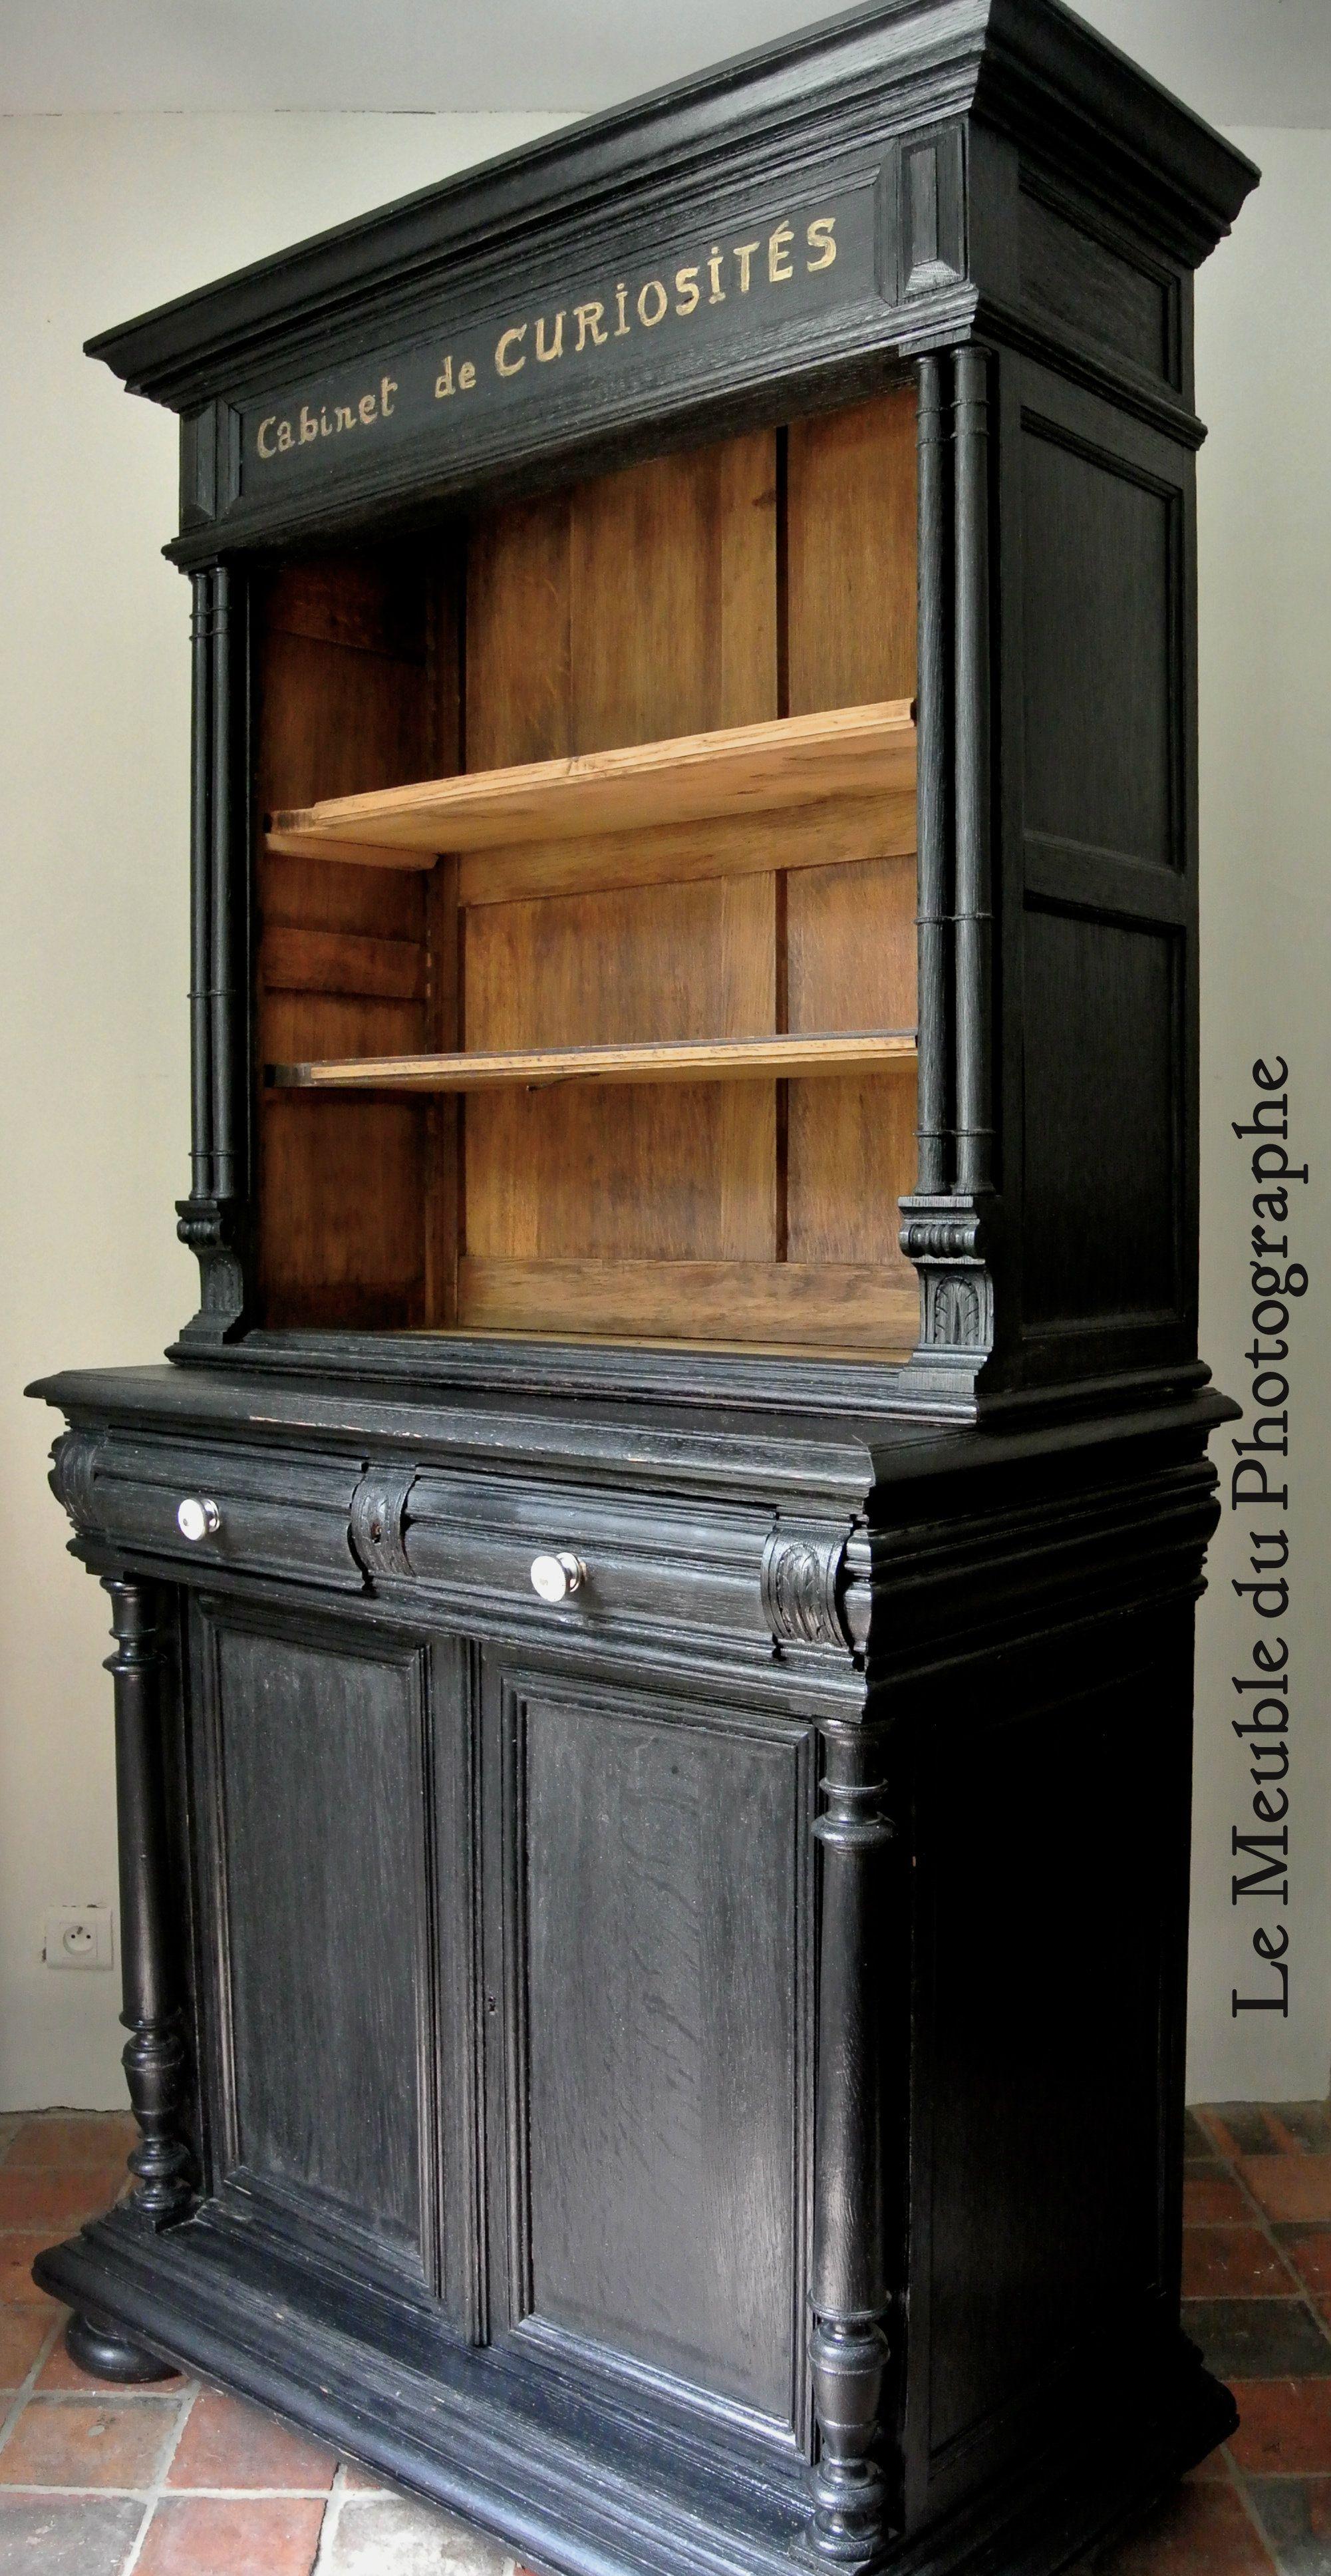 elegant cabinet de curiosites en bois peint en noir chic avec lettres manuscrites dorees ce meuble de rangement insolite est une piece unique realisee a